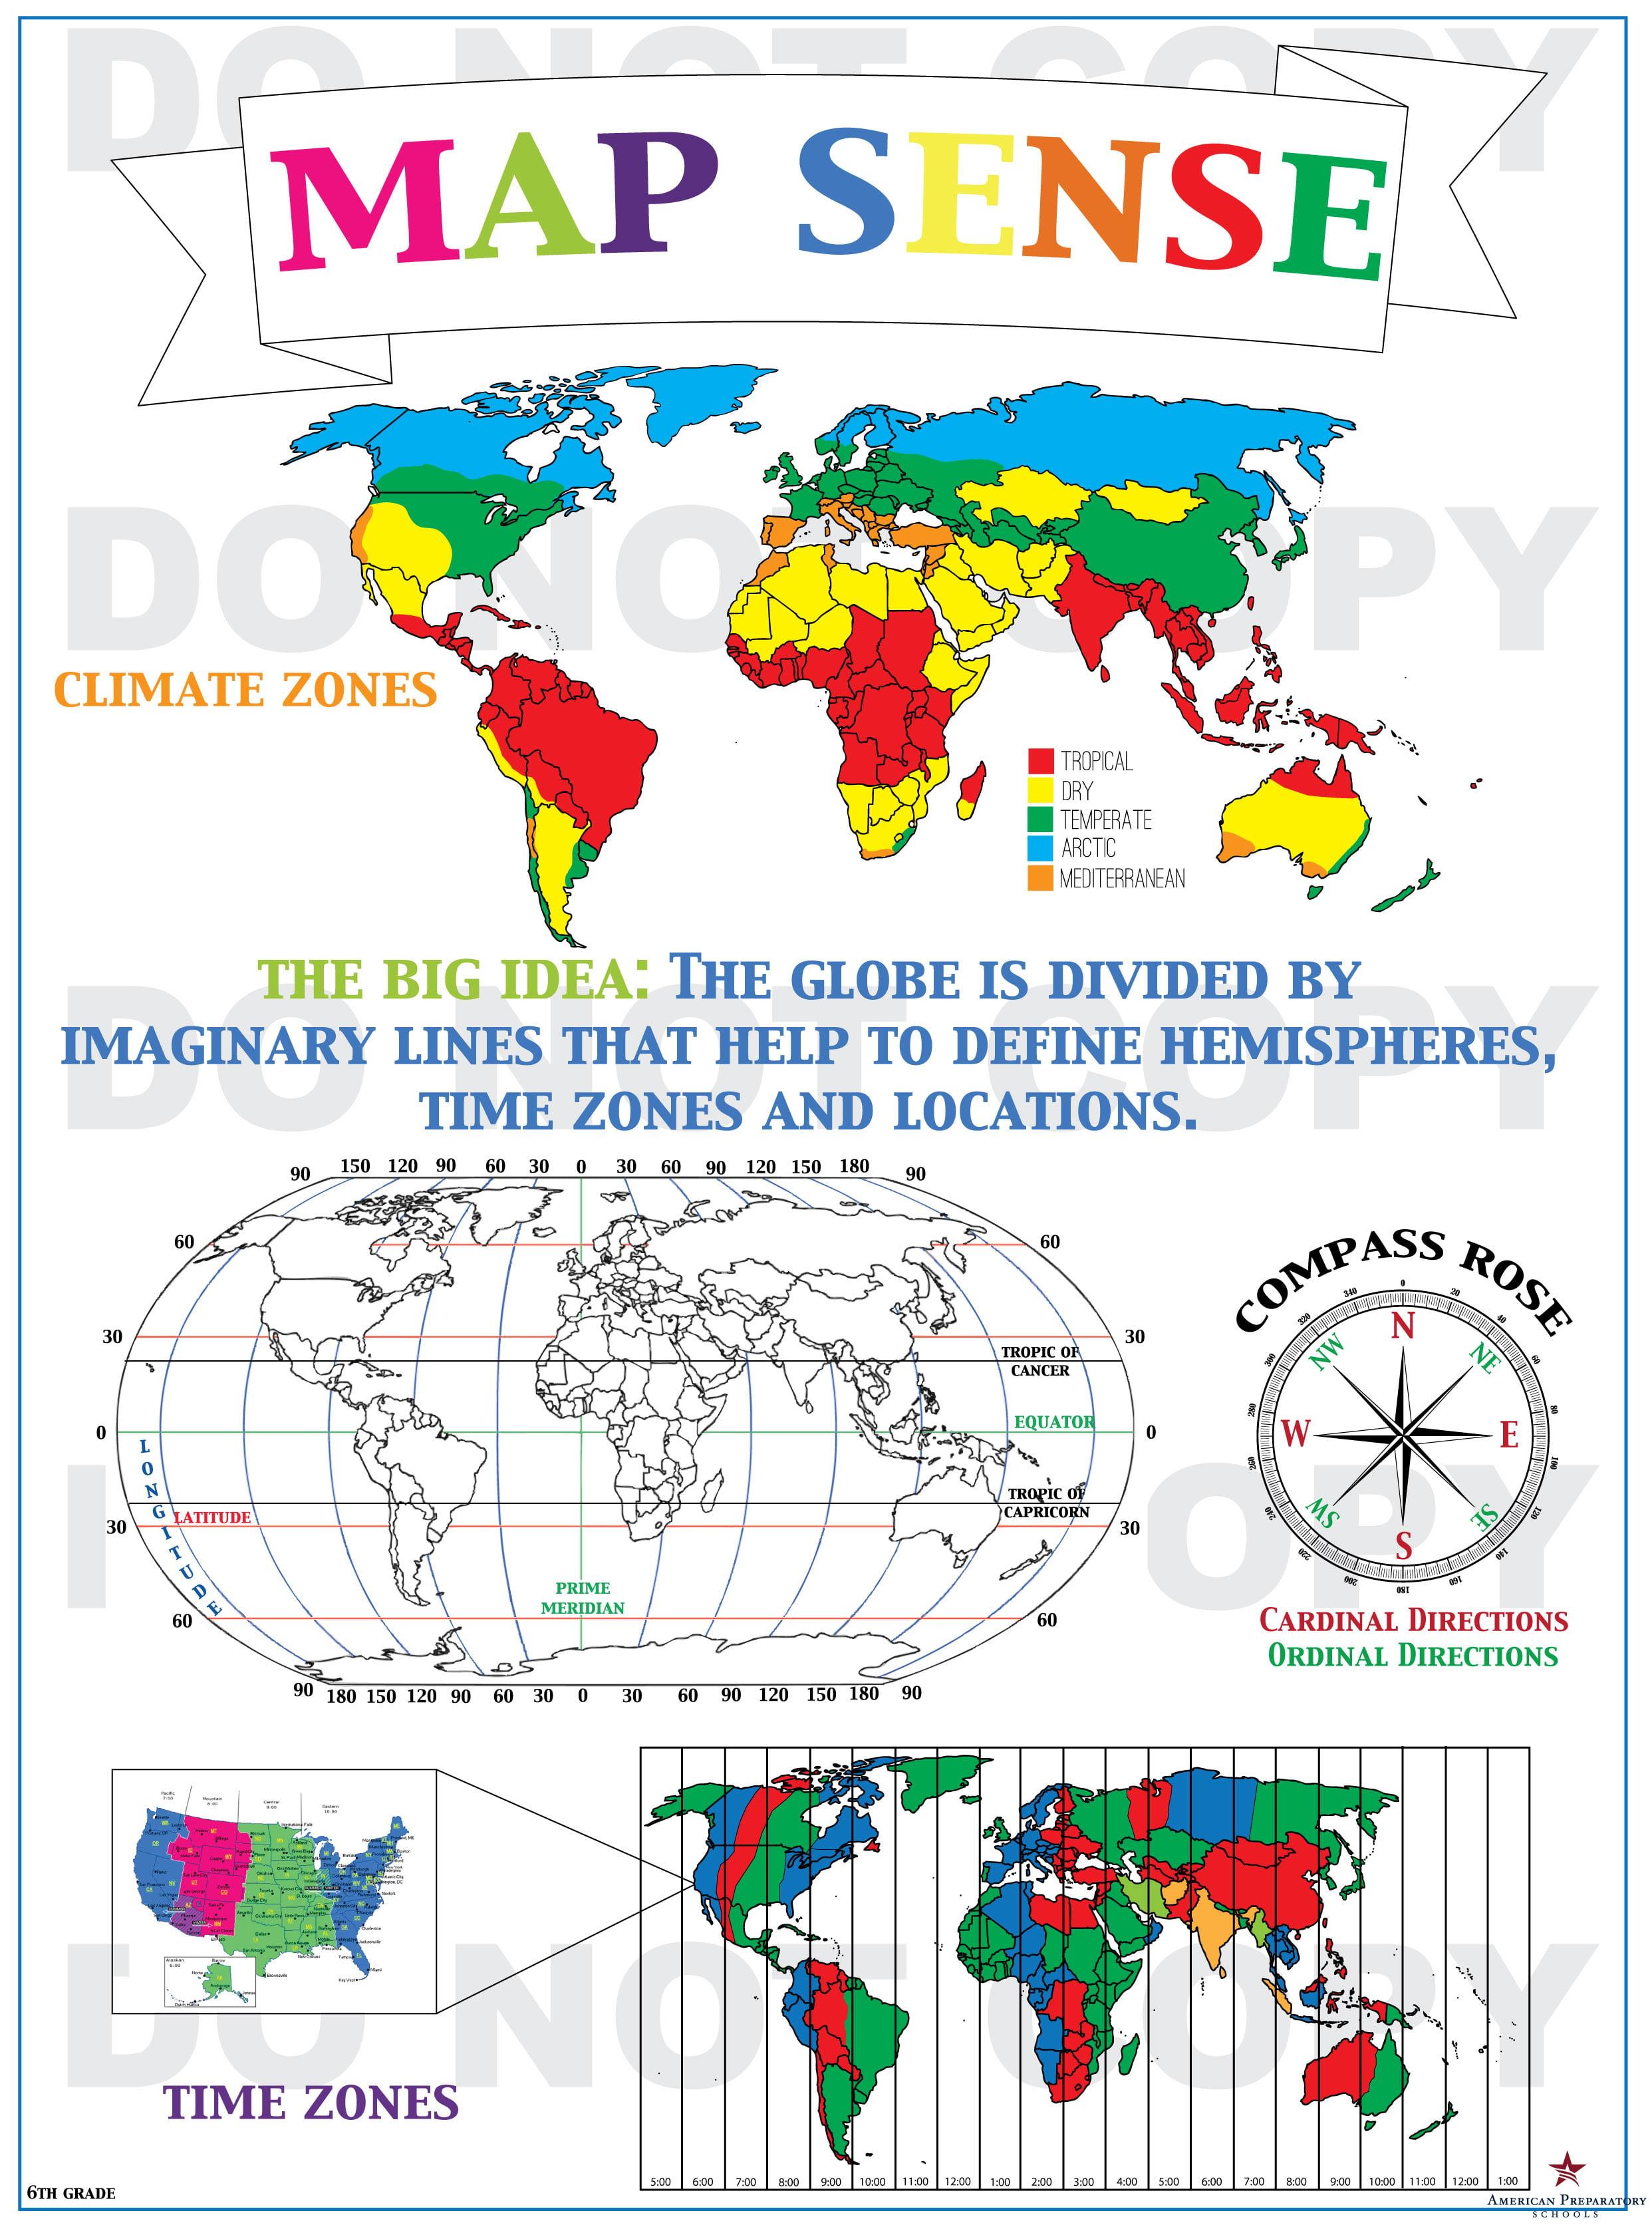 Map Sense